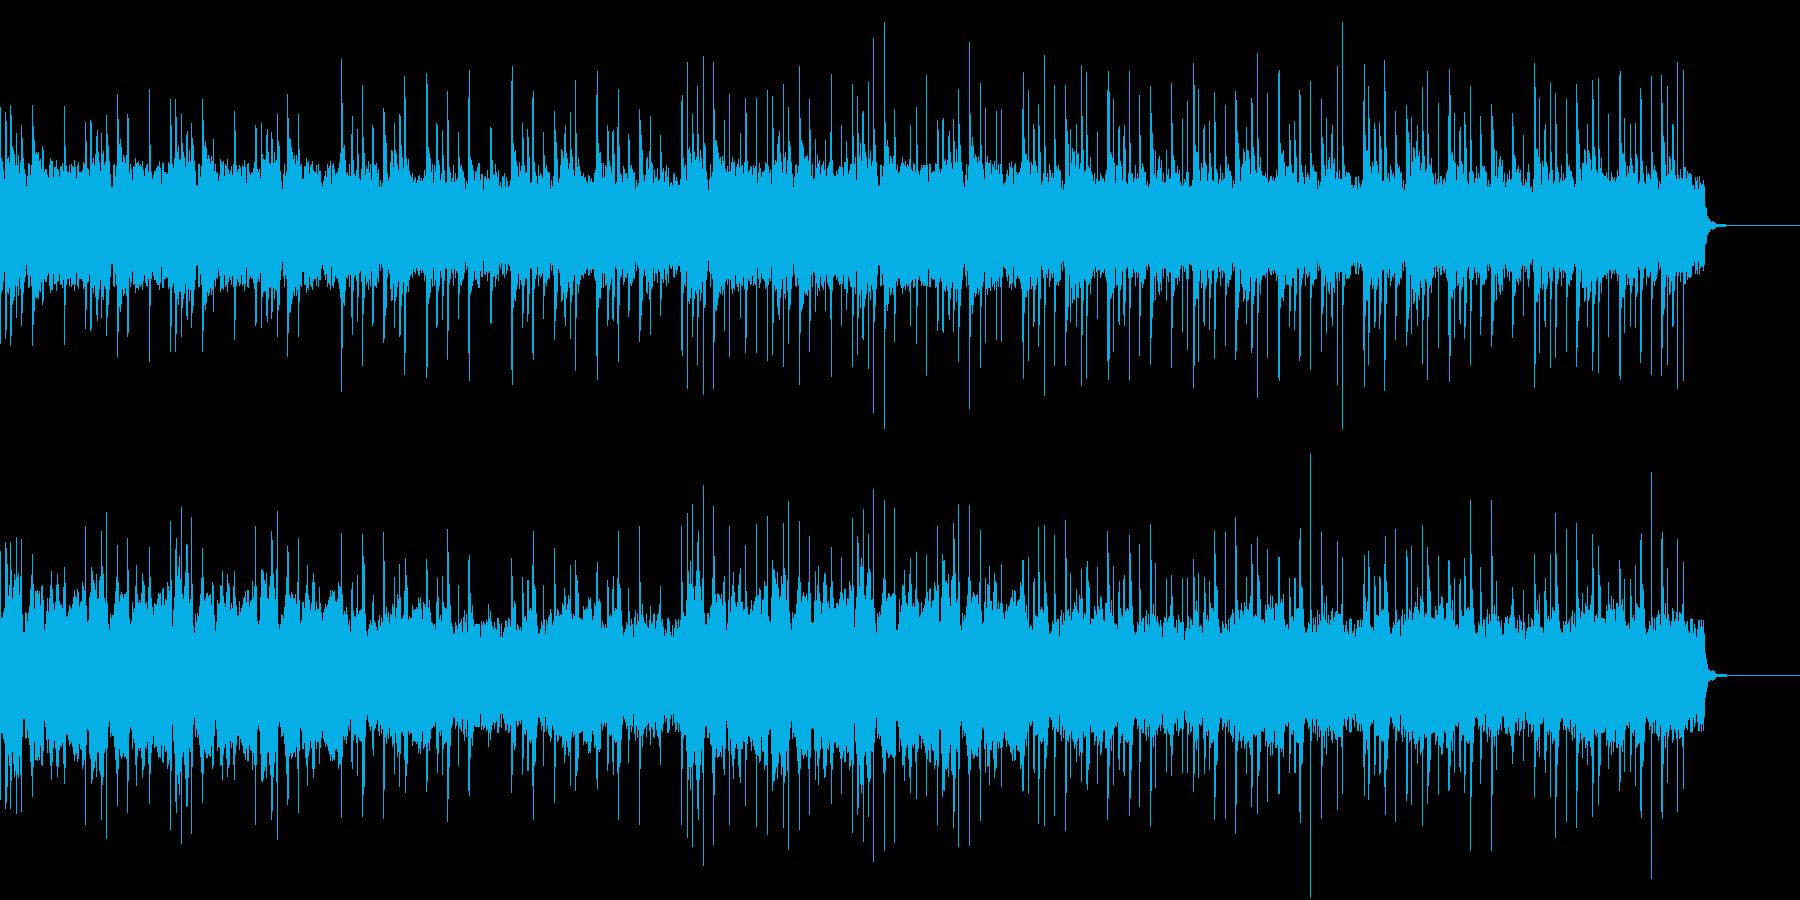 【戦国武将図〜メインテーマ】琴メロverの再生済みの波形